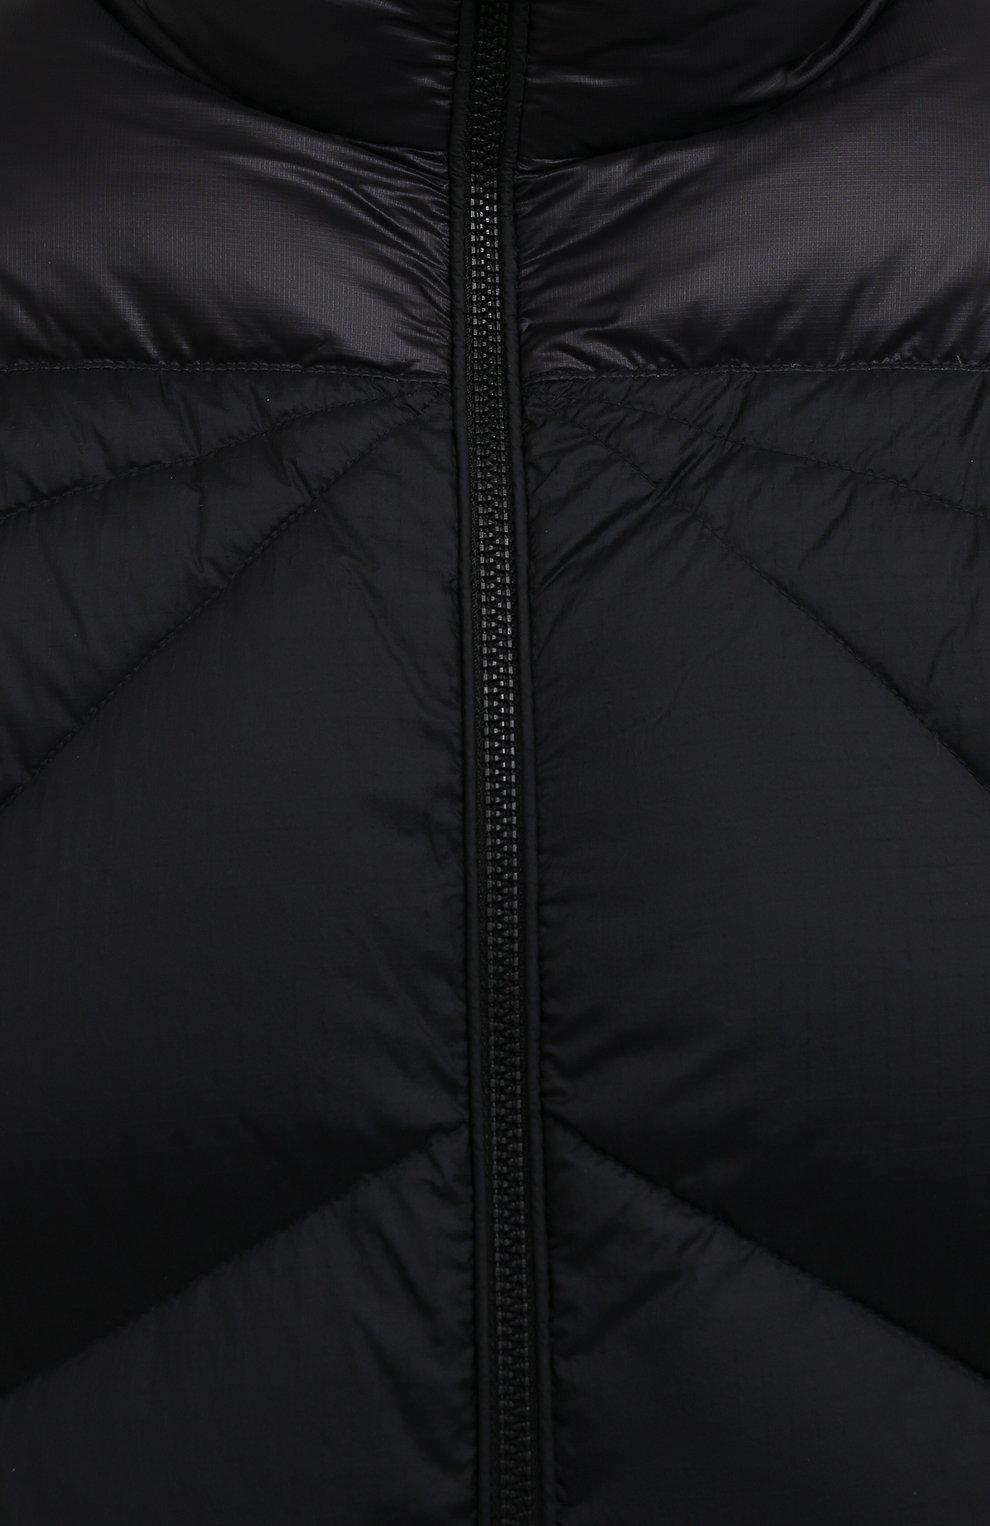 Мужская пуховая куртка tama 2 moncler 1952 MONCLER GENIUS черного цвета, арт. G2-092-1A000-30-595EV   Фото 5 (Кросс-КТ: Куртка; Мужское Кросс-КТ: пуховик-короткий; Рукава: Длинные; Материал внешний: Синтетический материал; Материал подклада: Синтетический материал; Длина (верхняя одежда): Короткие; Материал утеплителя: Пух и перо)